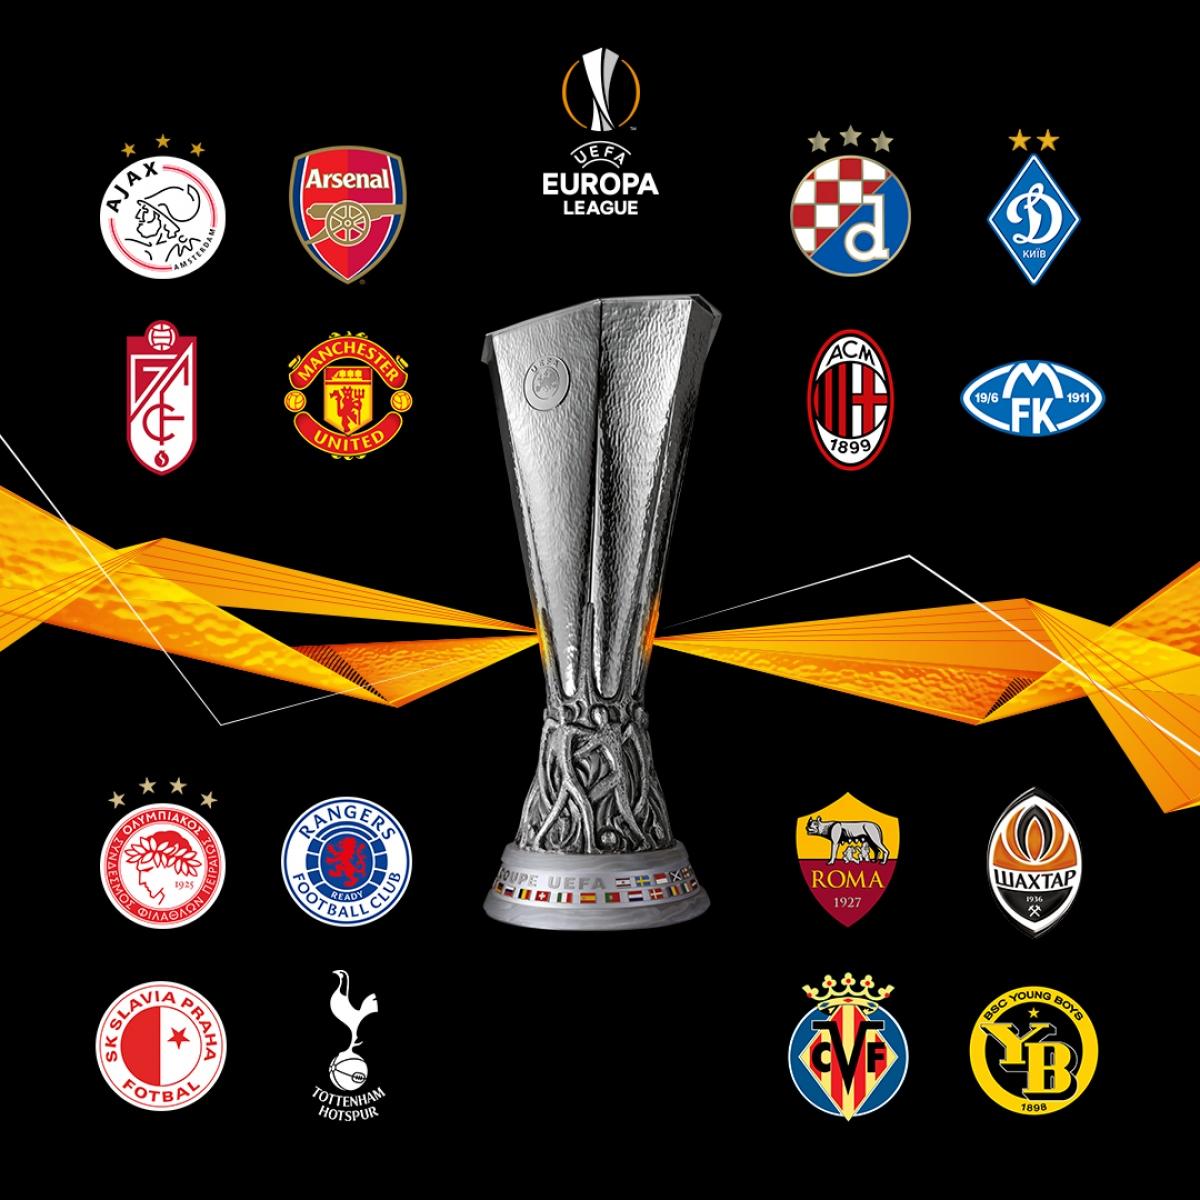 AC Milan và AS Roma sẽ là hai tên tuổi nặng ký cho chức vô địch Europa League mùa này, bên cạnh MU, Tottenham và Arsenal.